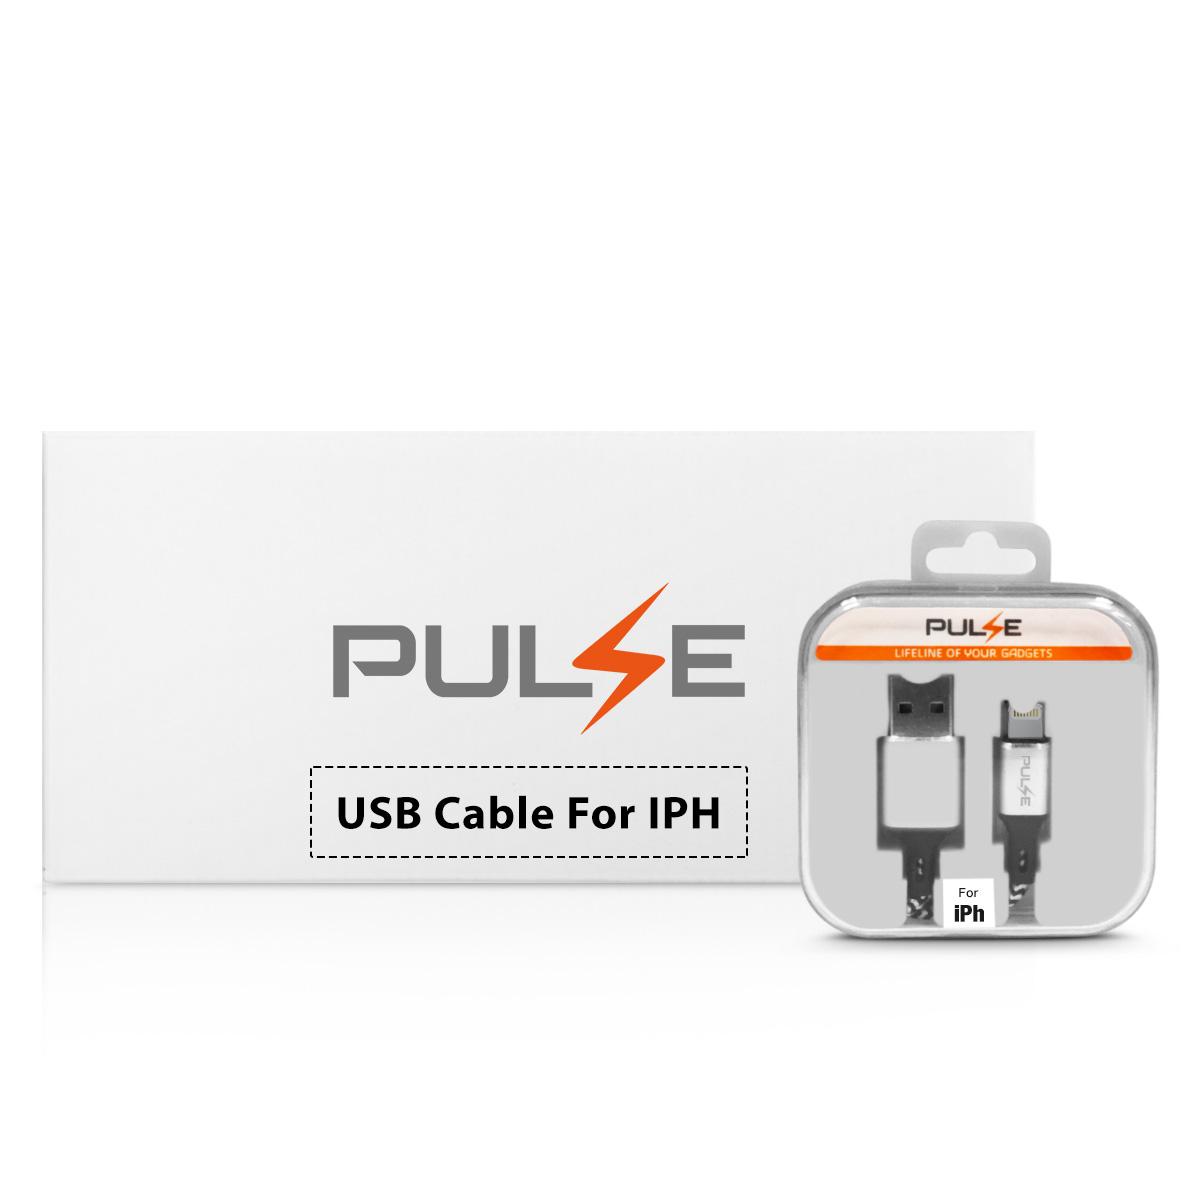 10PC-4F-NL-USB-IP-WT